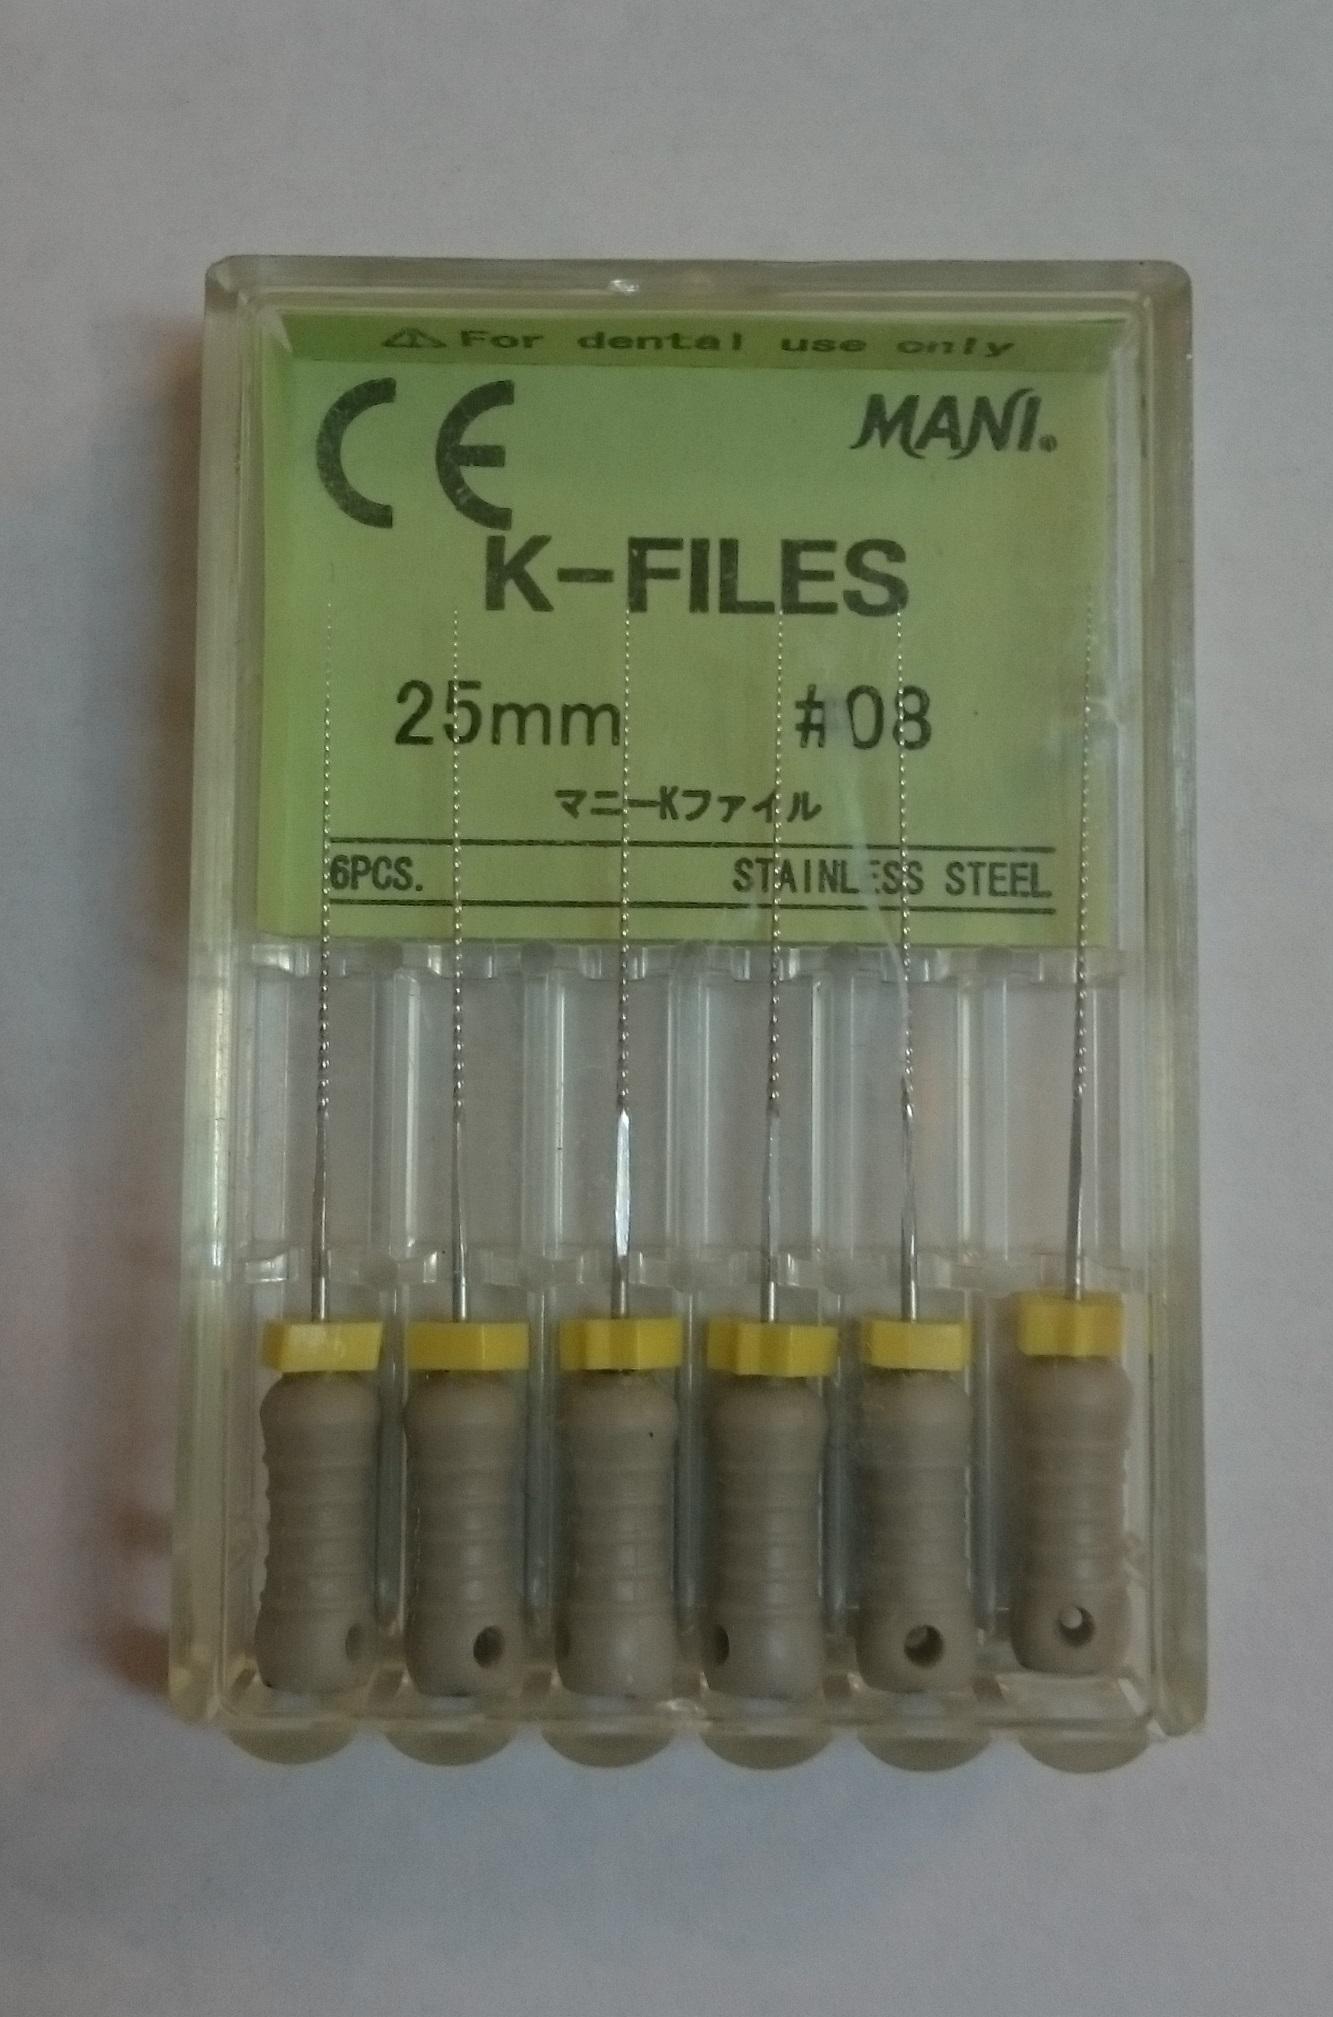 فروش انواع فایل دندانپزشکی به قیمت عمده